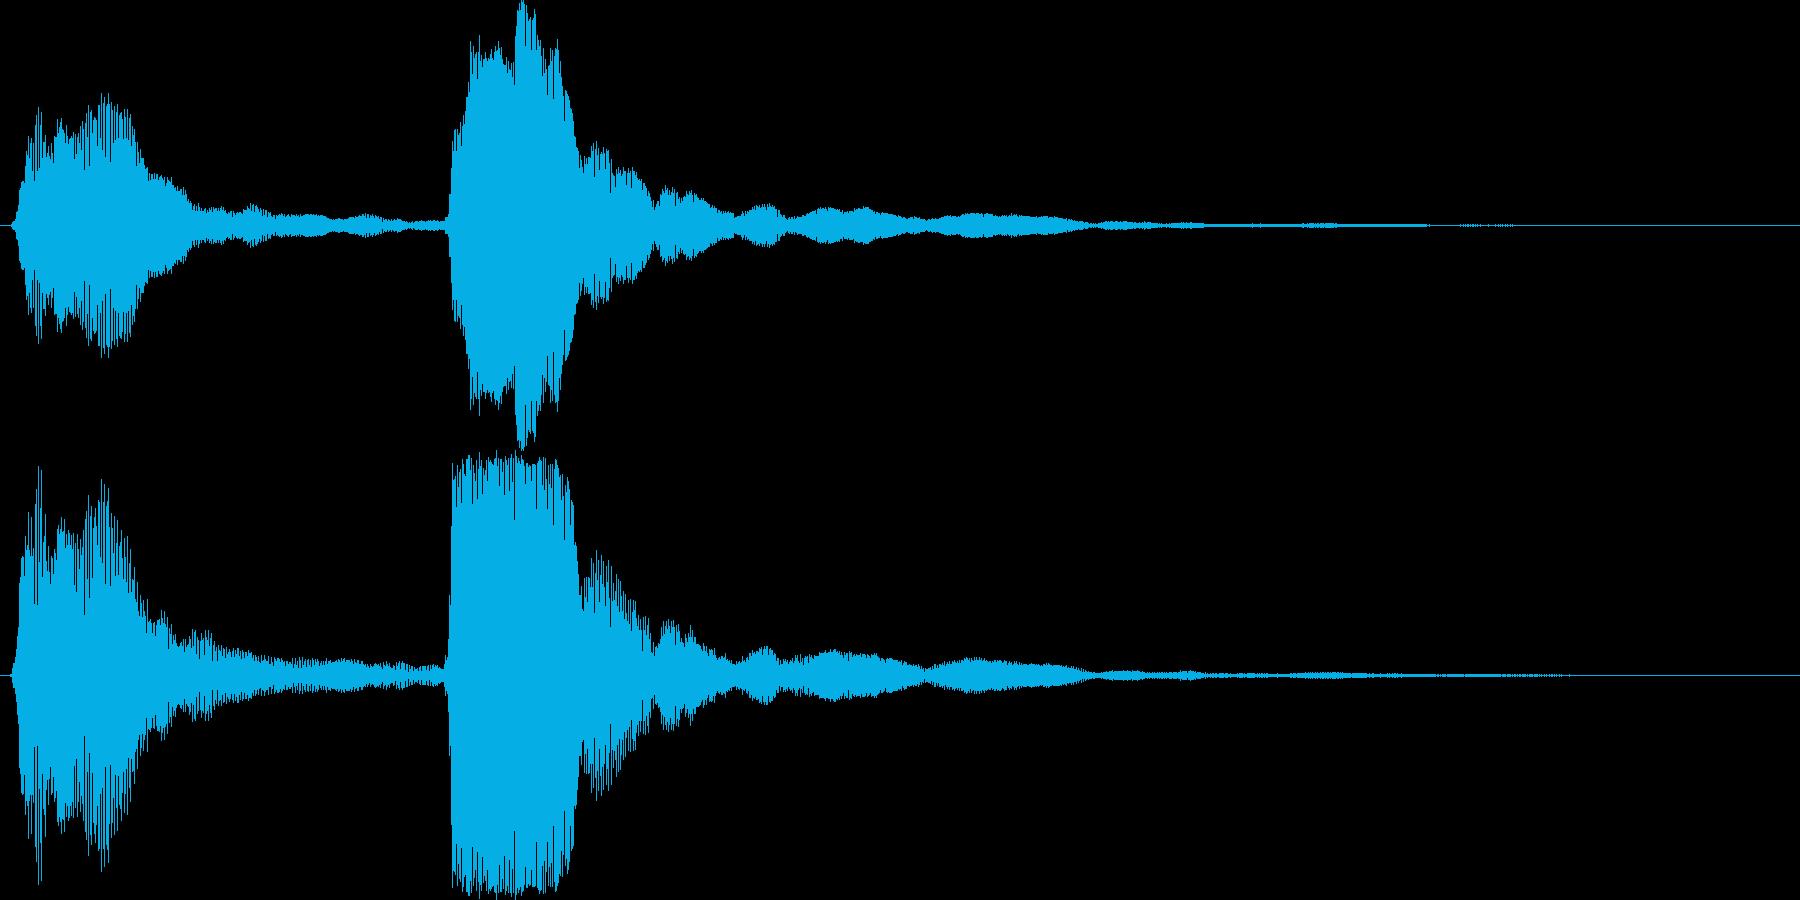 チャンチャン・オチの音(高)の再生済みの波形